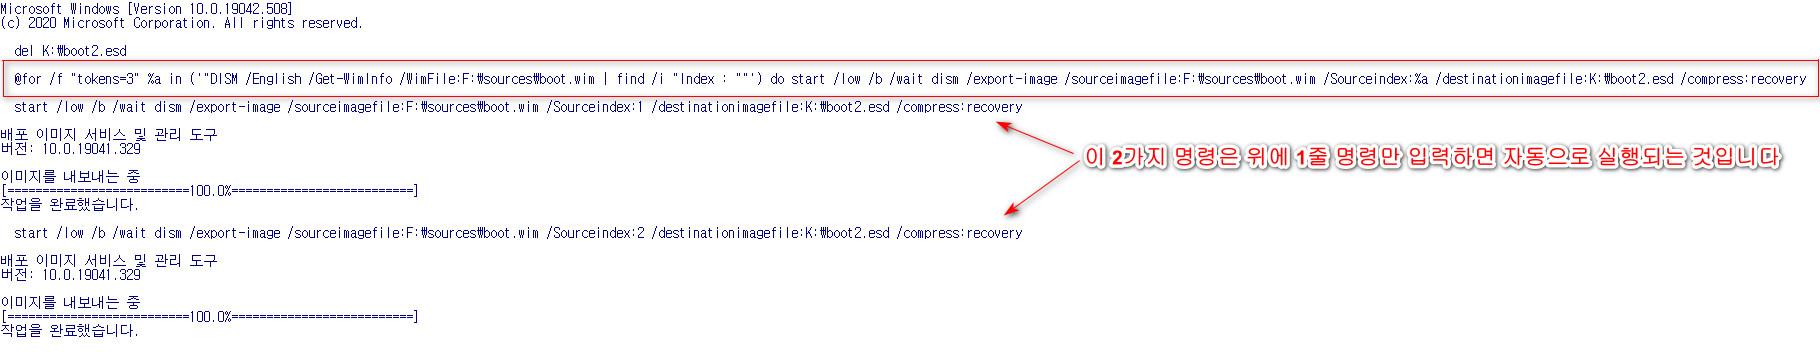 wim과 esd 변환을 배치 파일 구문으로 전부 내보내기 가능합니다 2020-09-21_075407.jpg